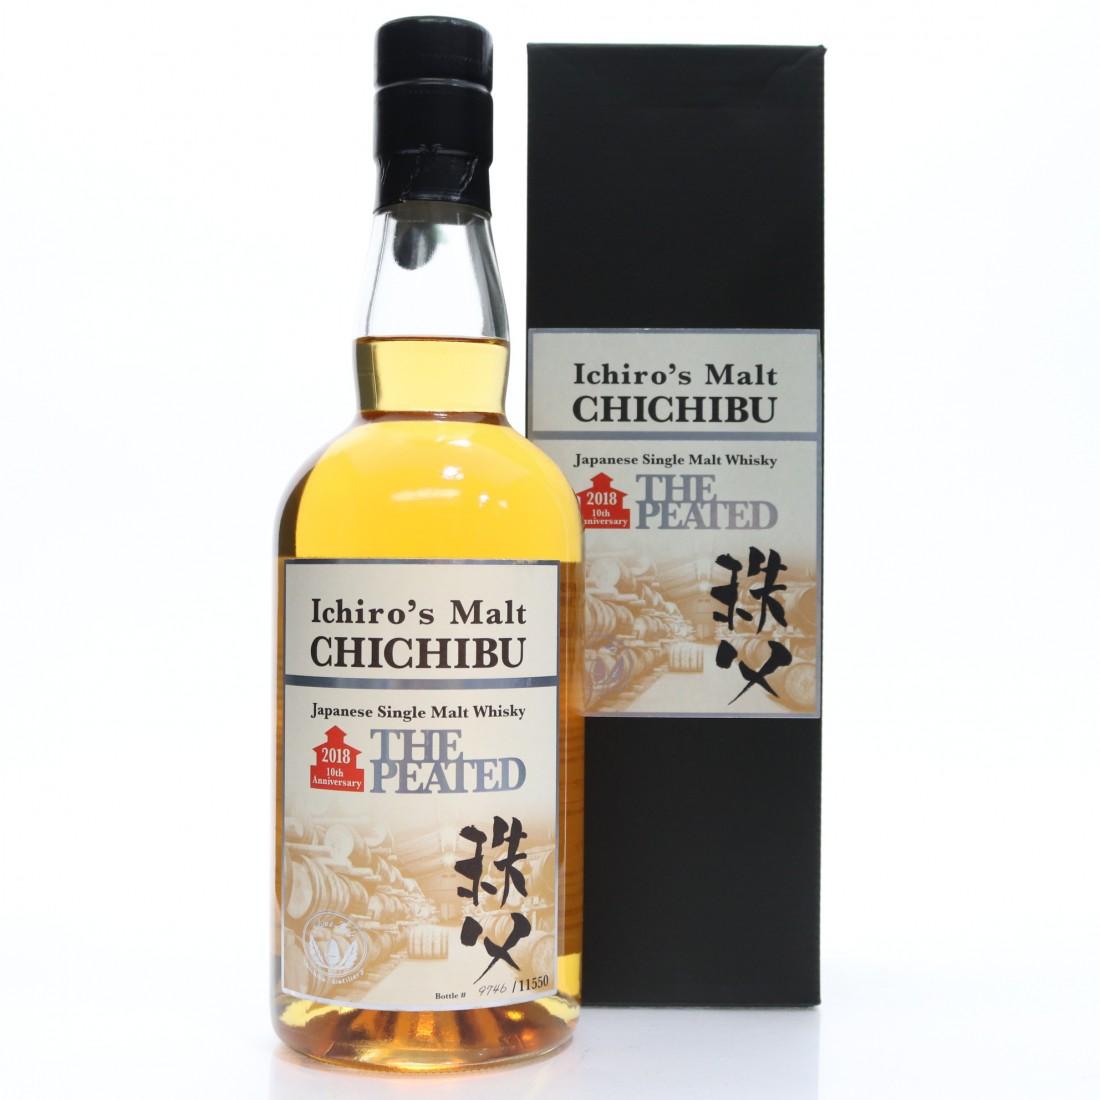 Chichibu Ichiro's Malt The Peated 2018 / 10th Anniversary